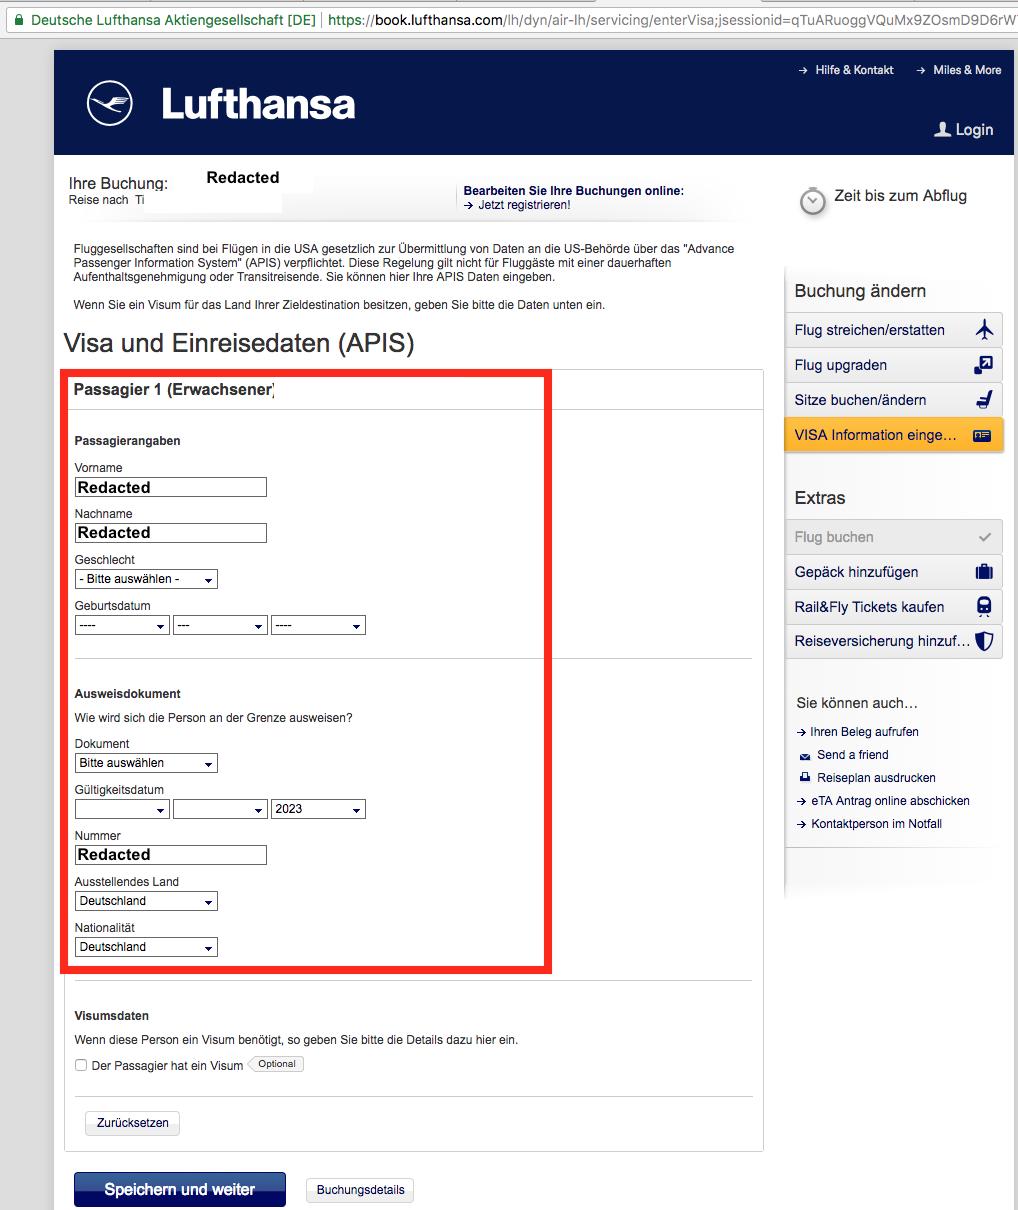 Selbst Ausweisdaten lassen sich auf der Lufthansa-Buchungsdetailseite ohne Authentifizierung einsehen oder sogar ändern.